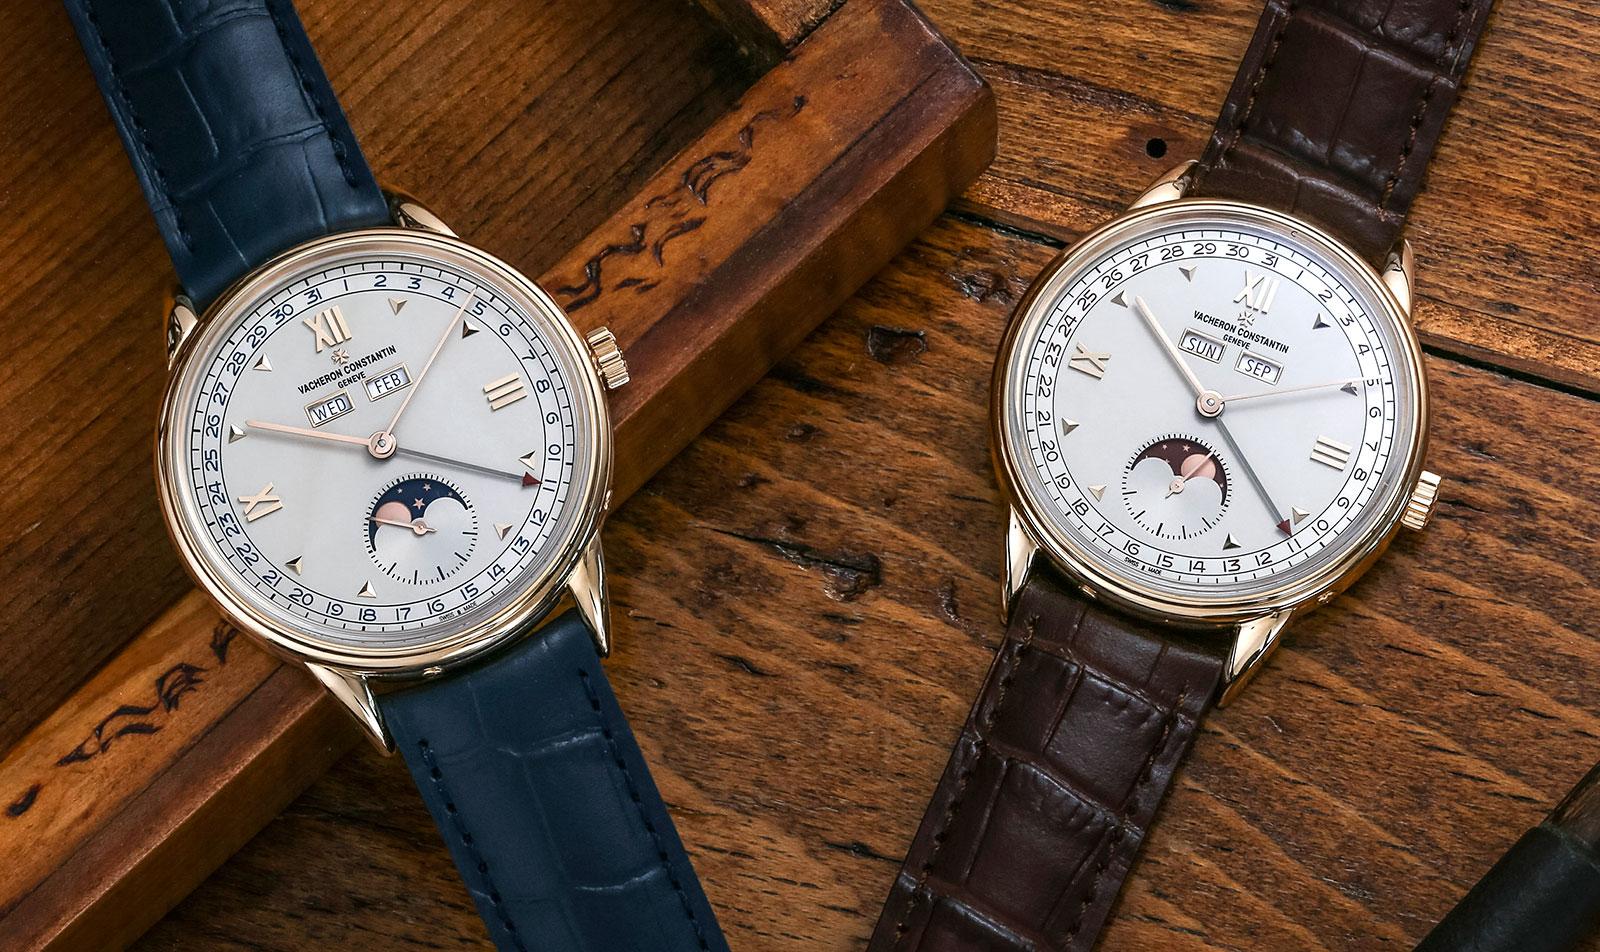 Đồng hồ Vacheron Constantin của nước nào?